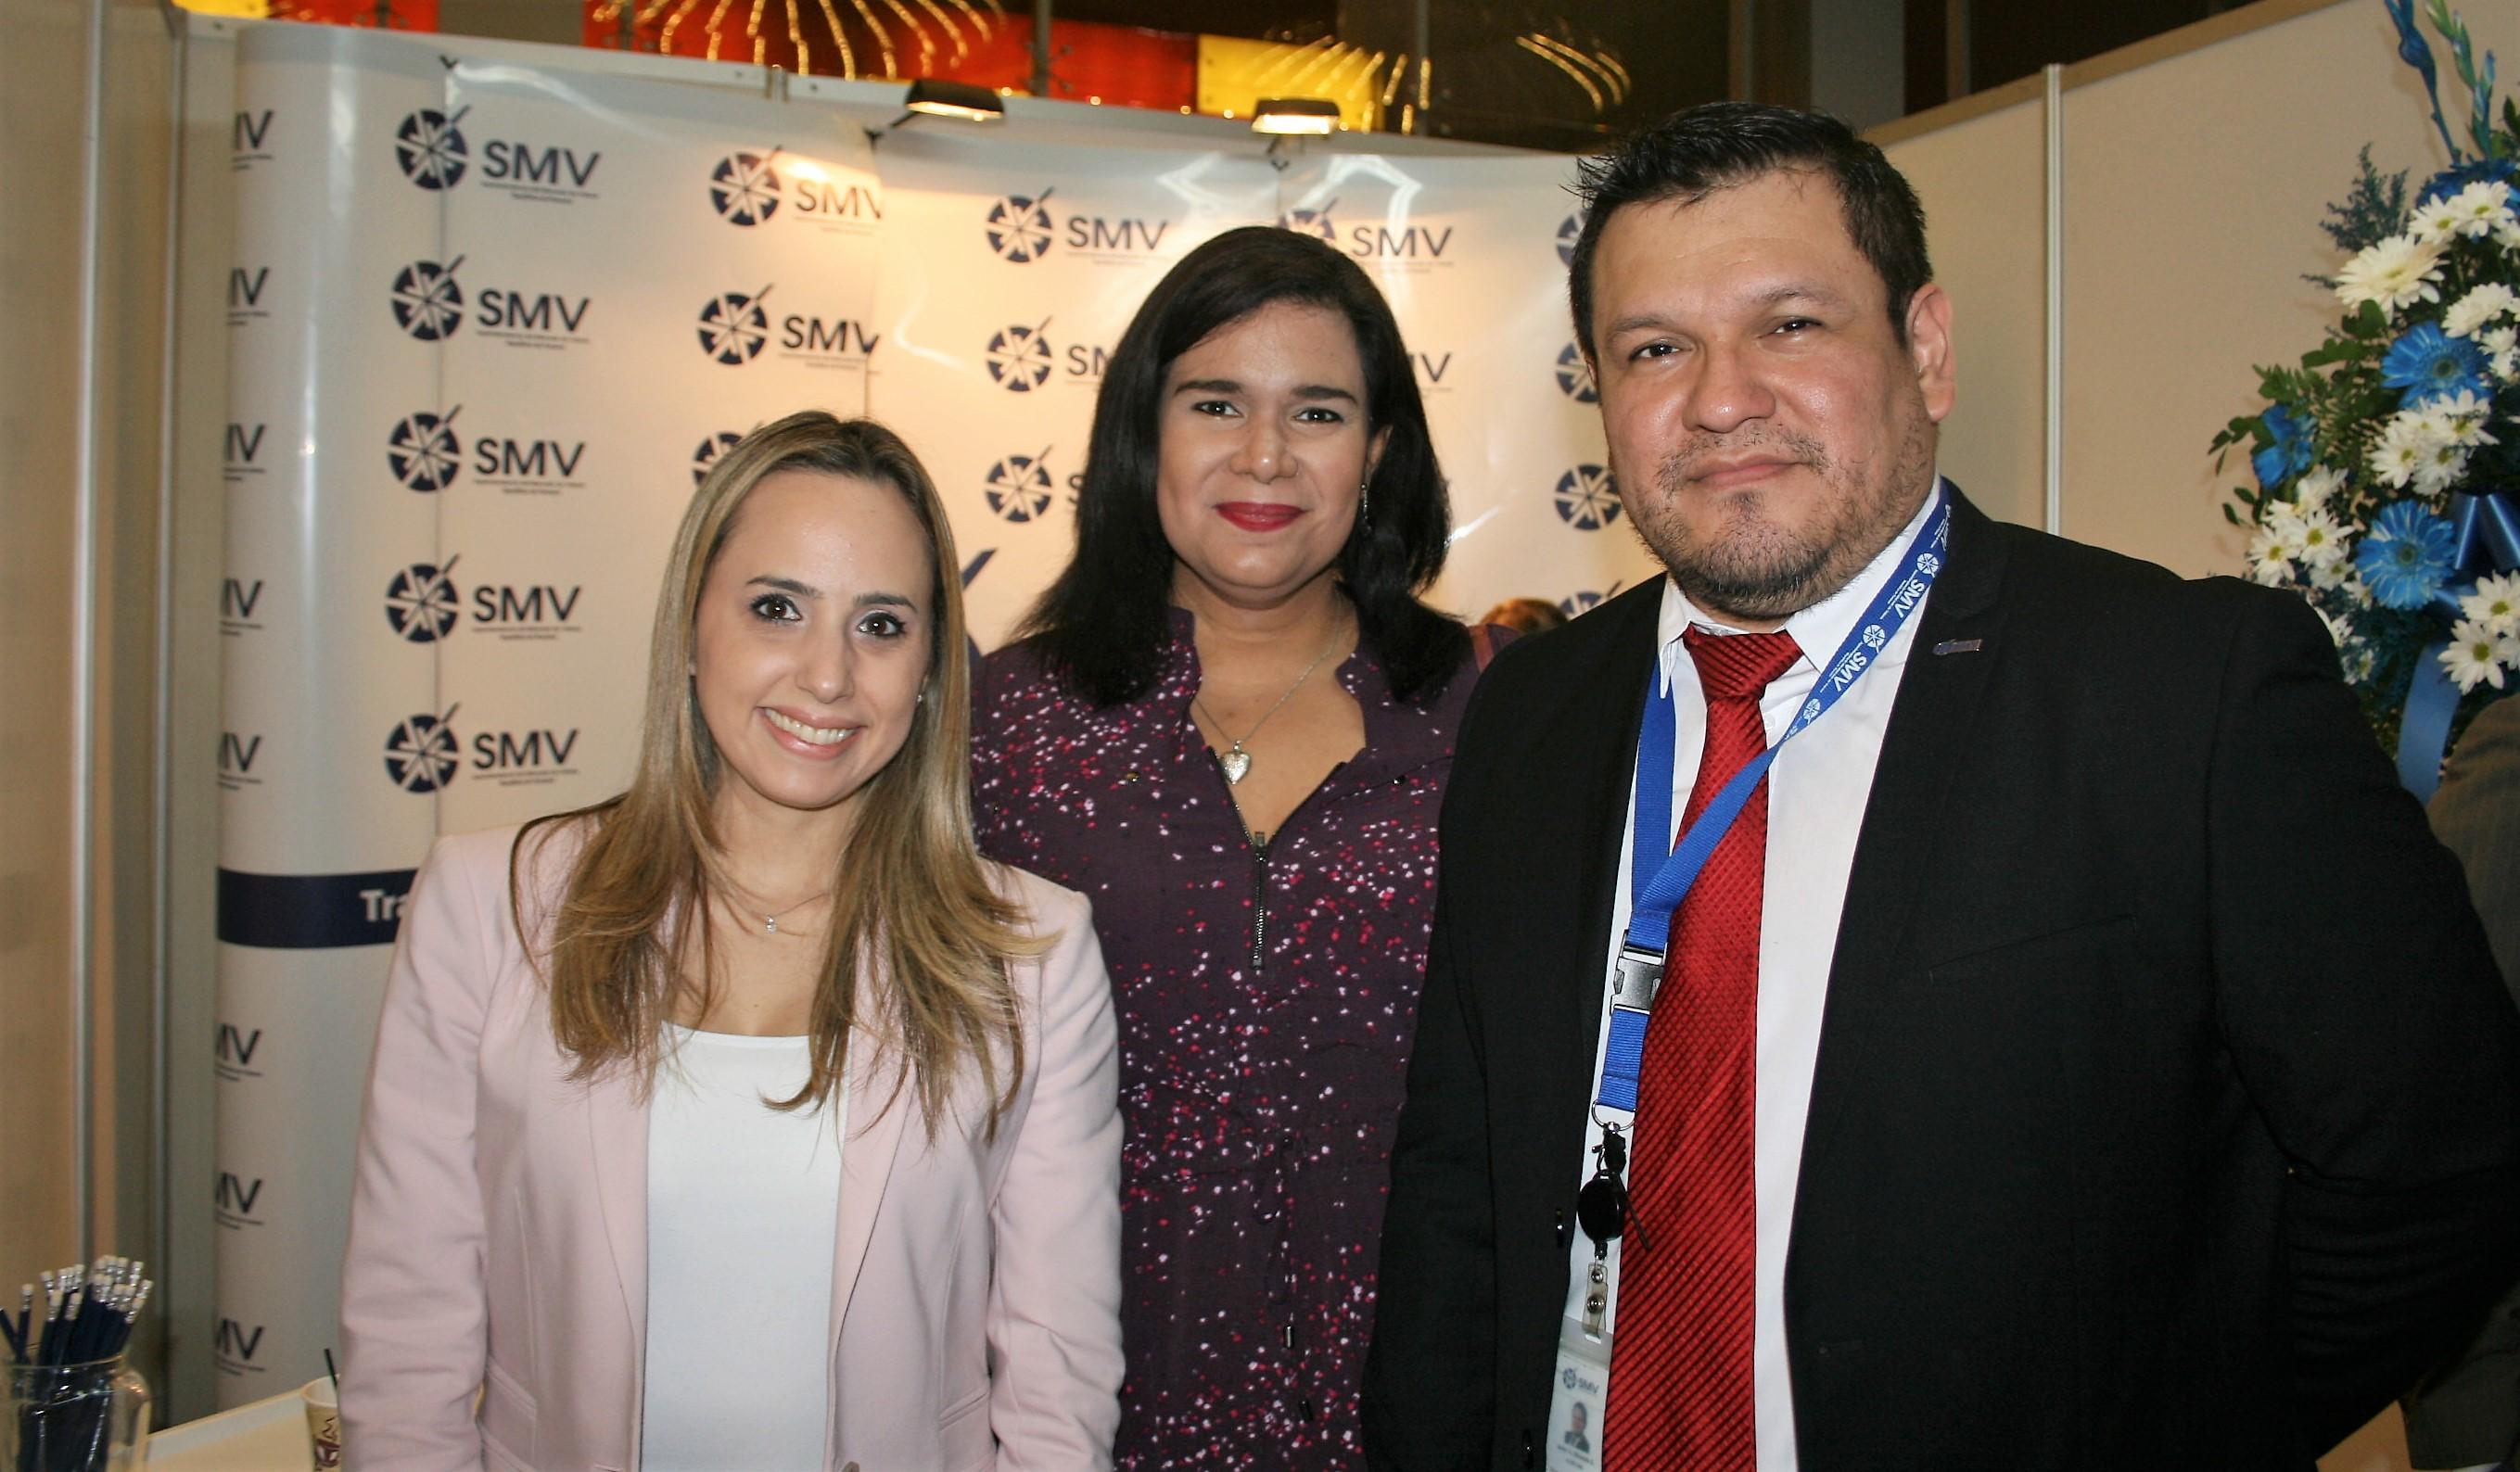 EMPRESARIALES EVENTOS  | La SMV participa en el XXII Congreso Hemisférico